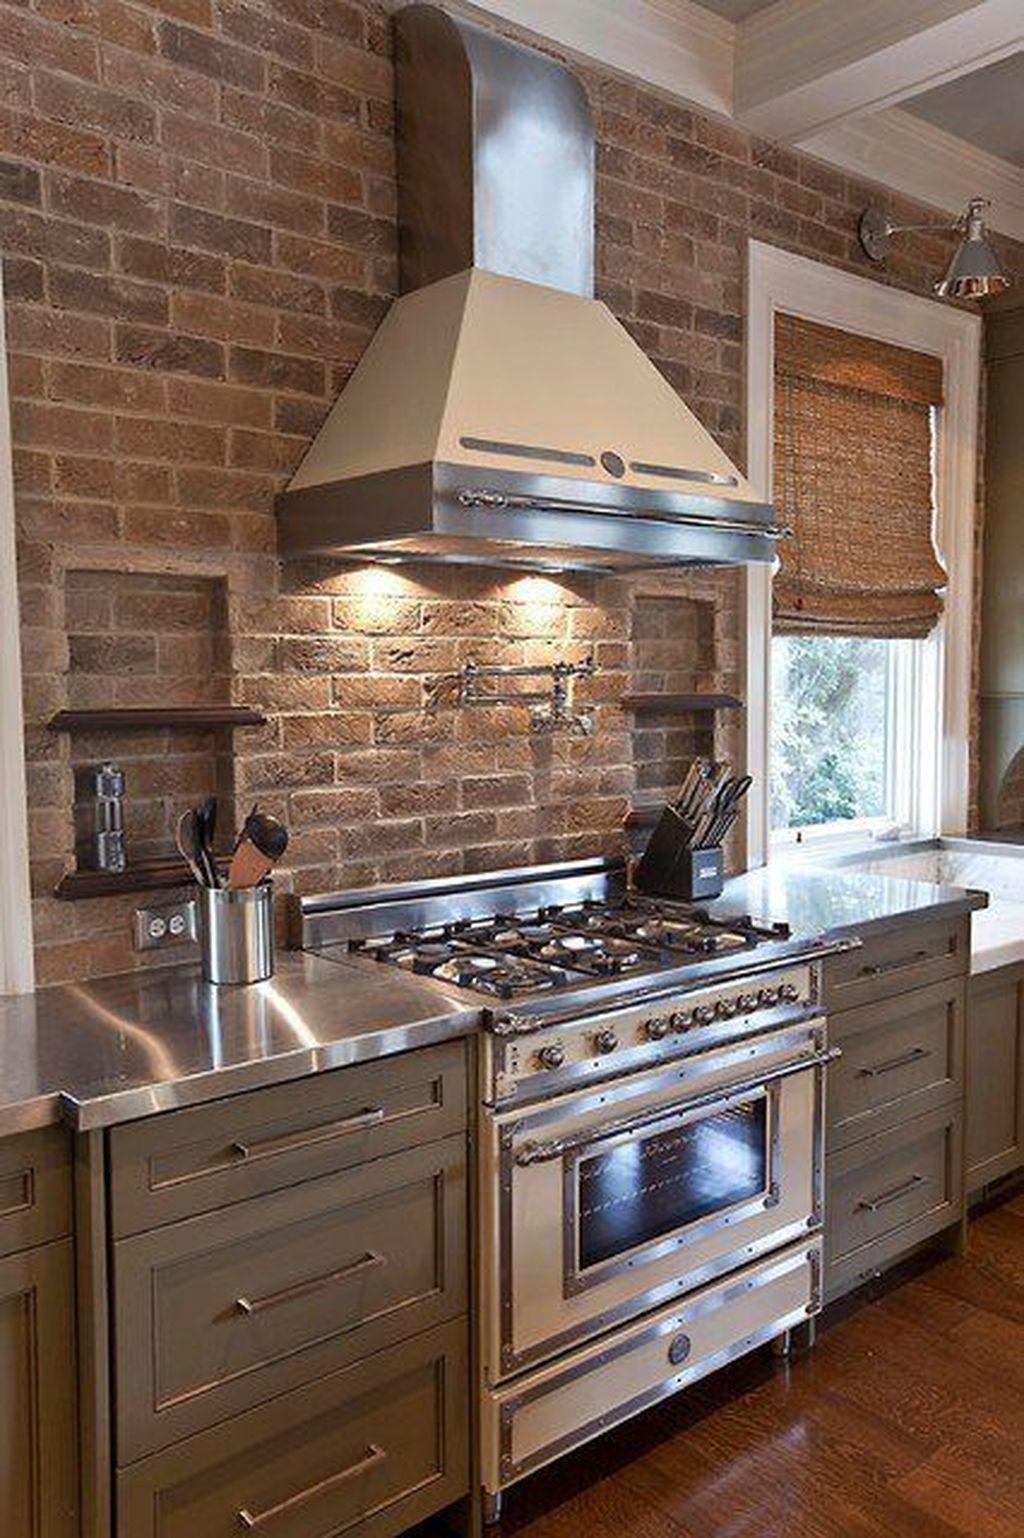 Idee Per La Cucina 40 popular modern farmhouse kitchen backsplash ideas | idee